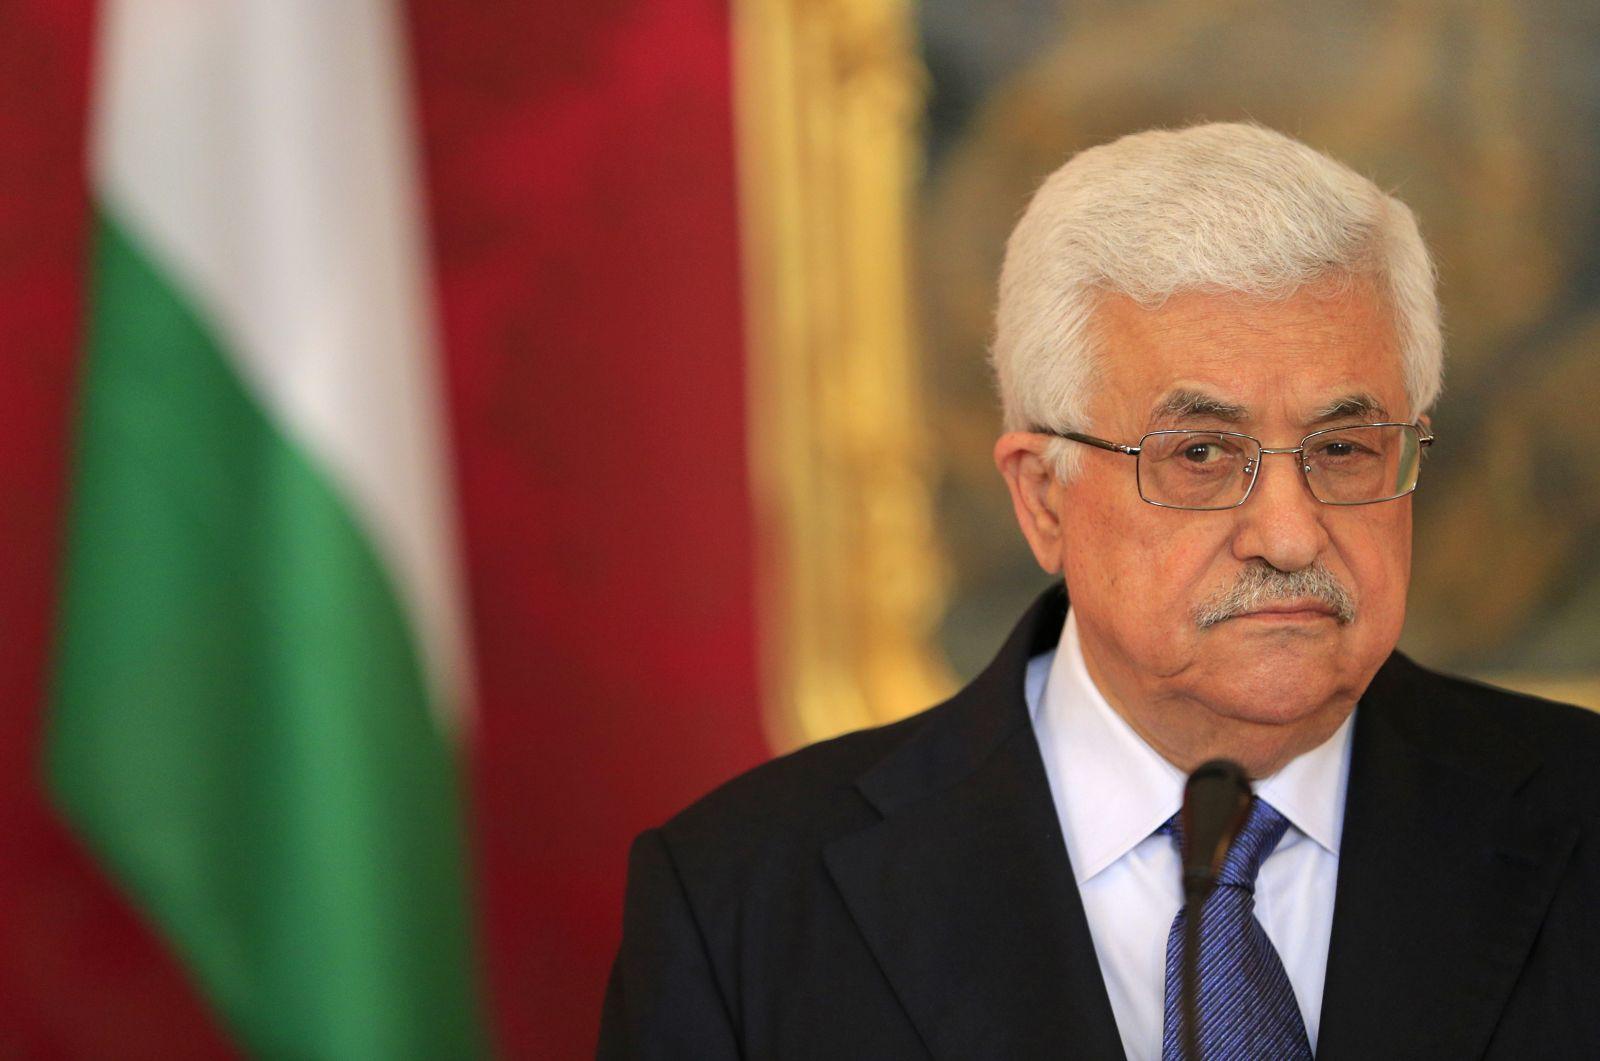 لست واثقا ولا متفائلا بشأن القضية الفلسطينية